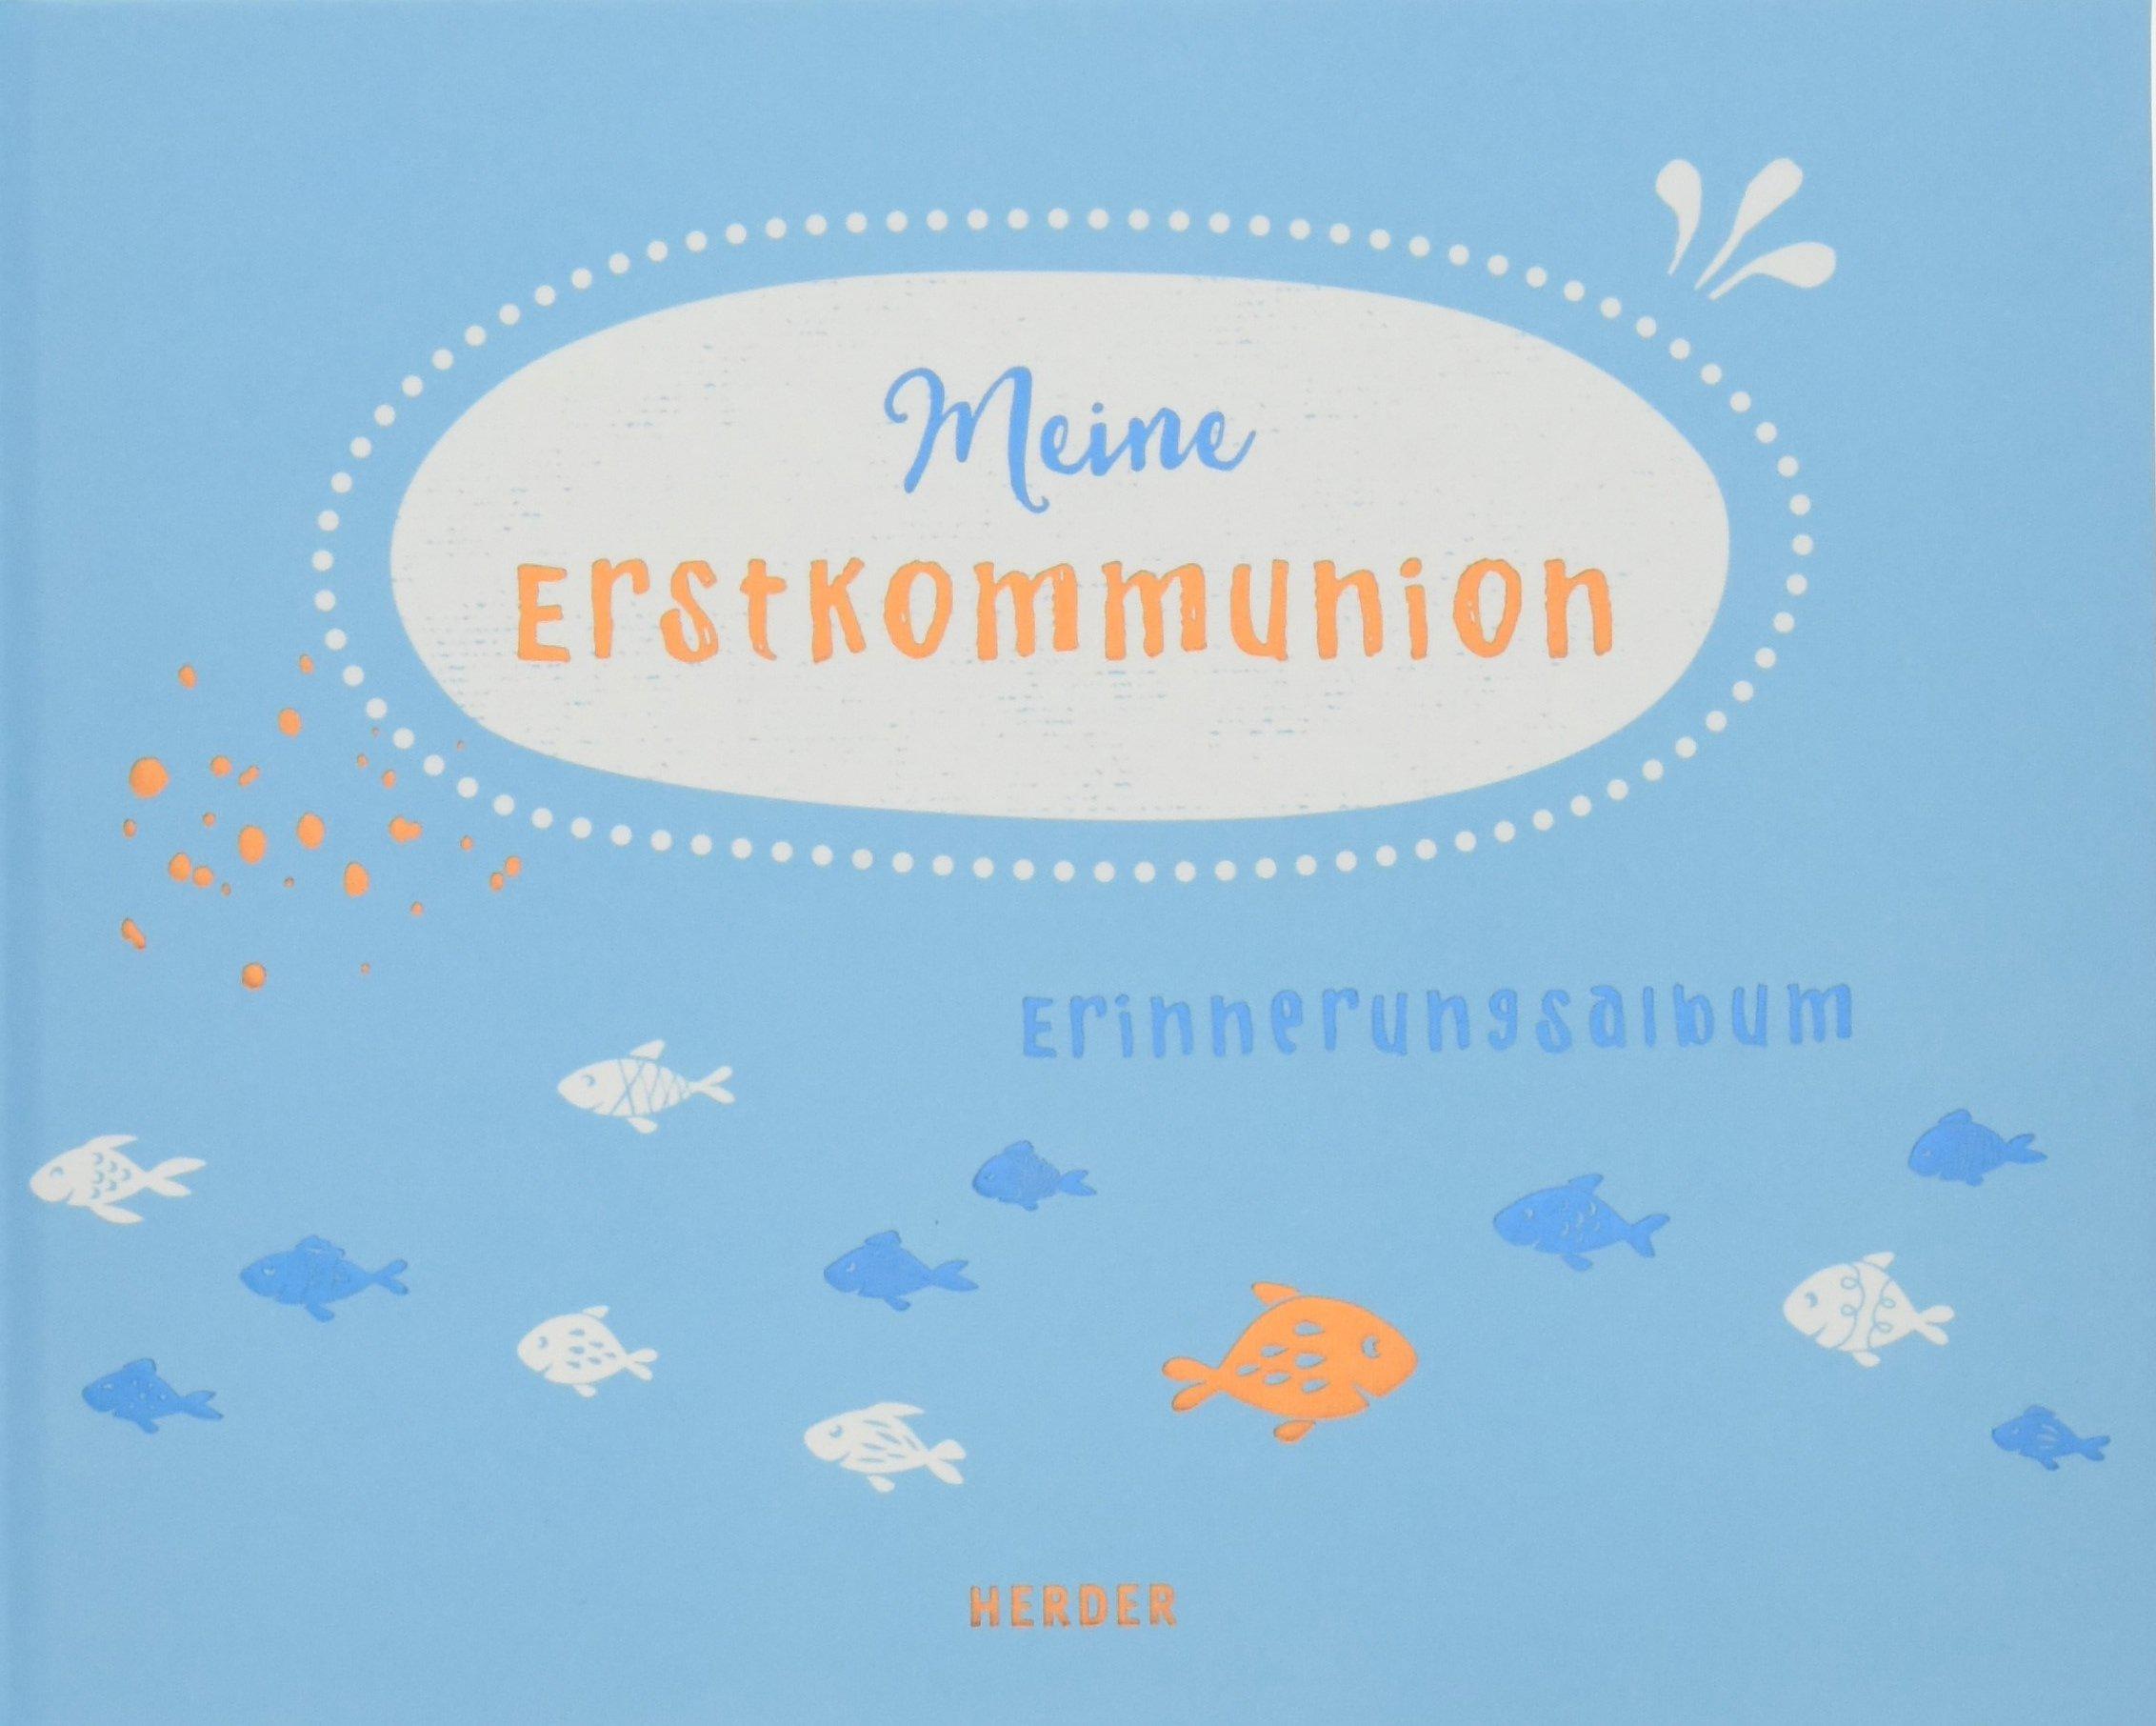 Meine Erstkommunion: Erinnerungsalbum klein